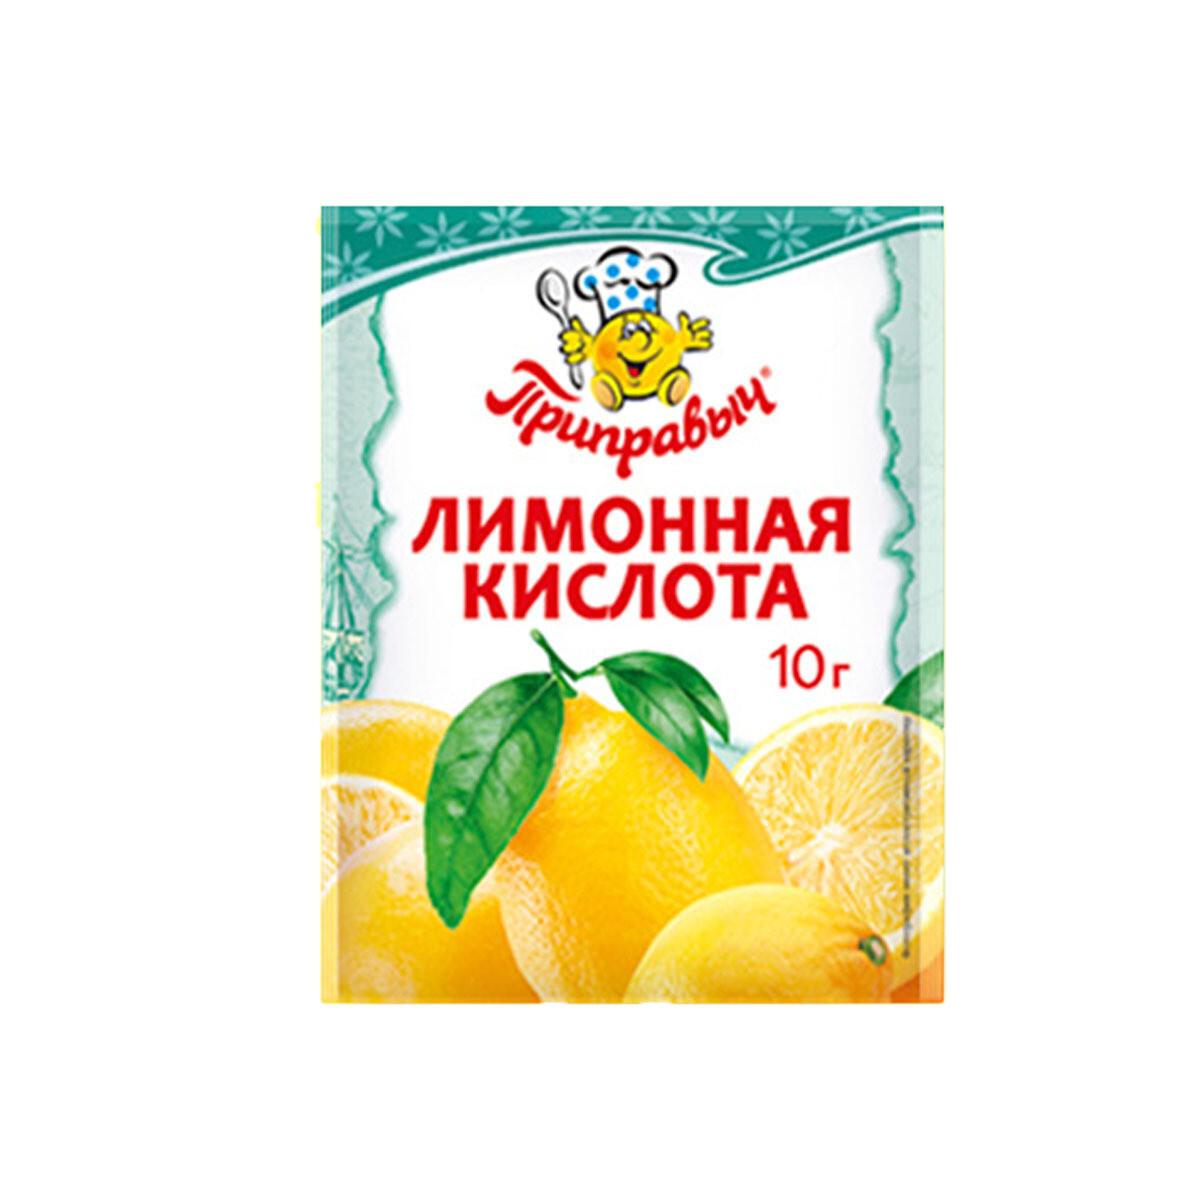 Лимонная кислота Приправыч 10 г